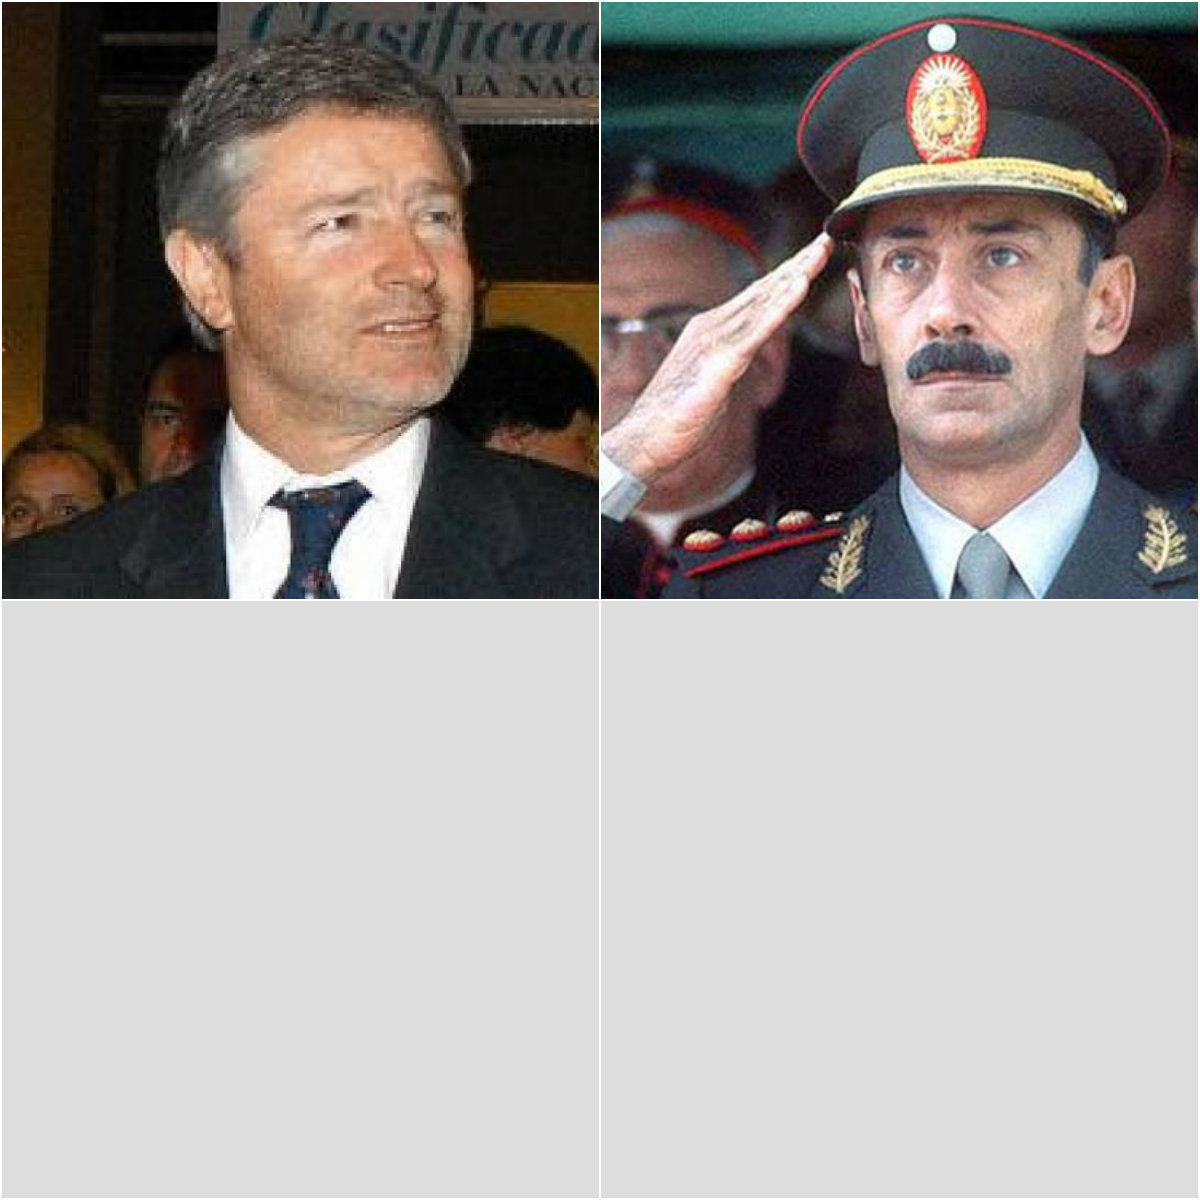 Julio Saguier y dictador Videla